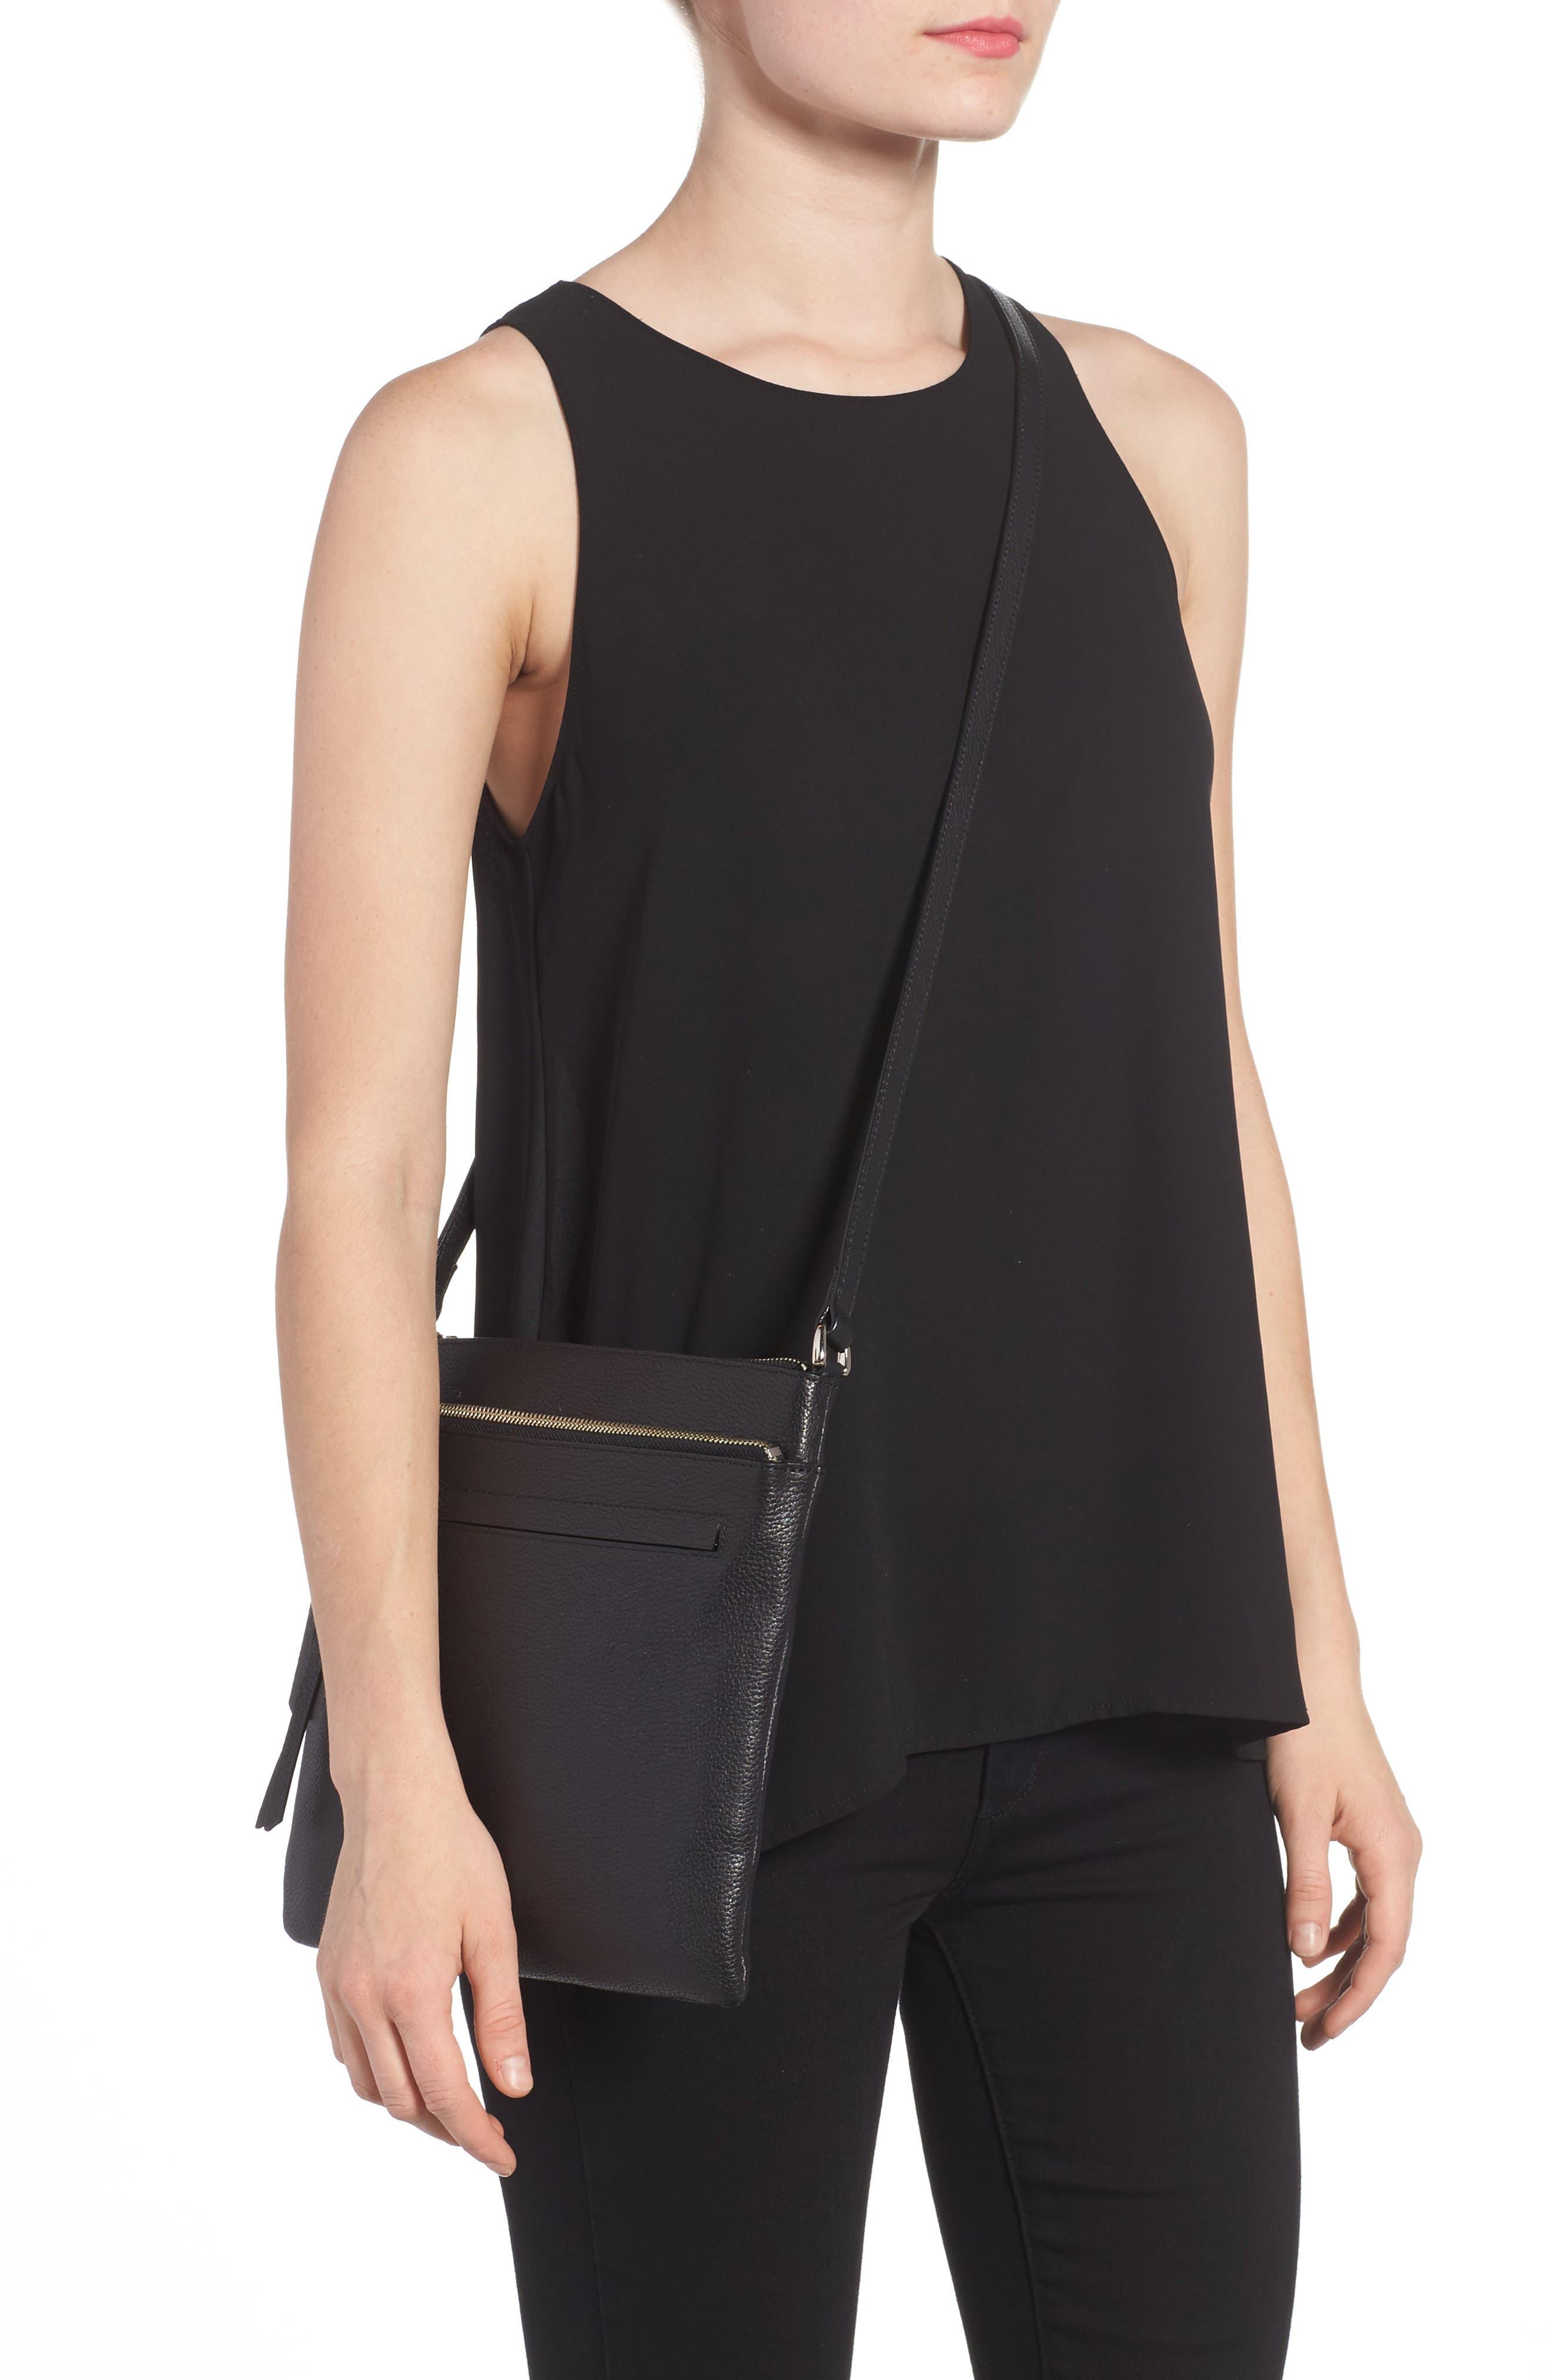 Finn Leather Crossbody Bag,                             Alternate thumbnail 2, color,                             BLACK